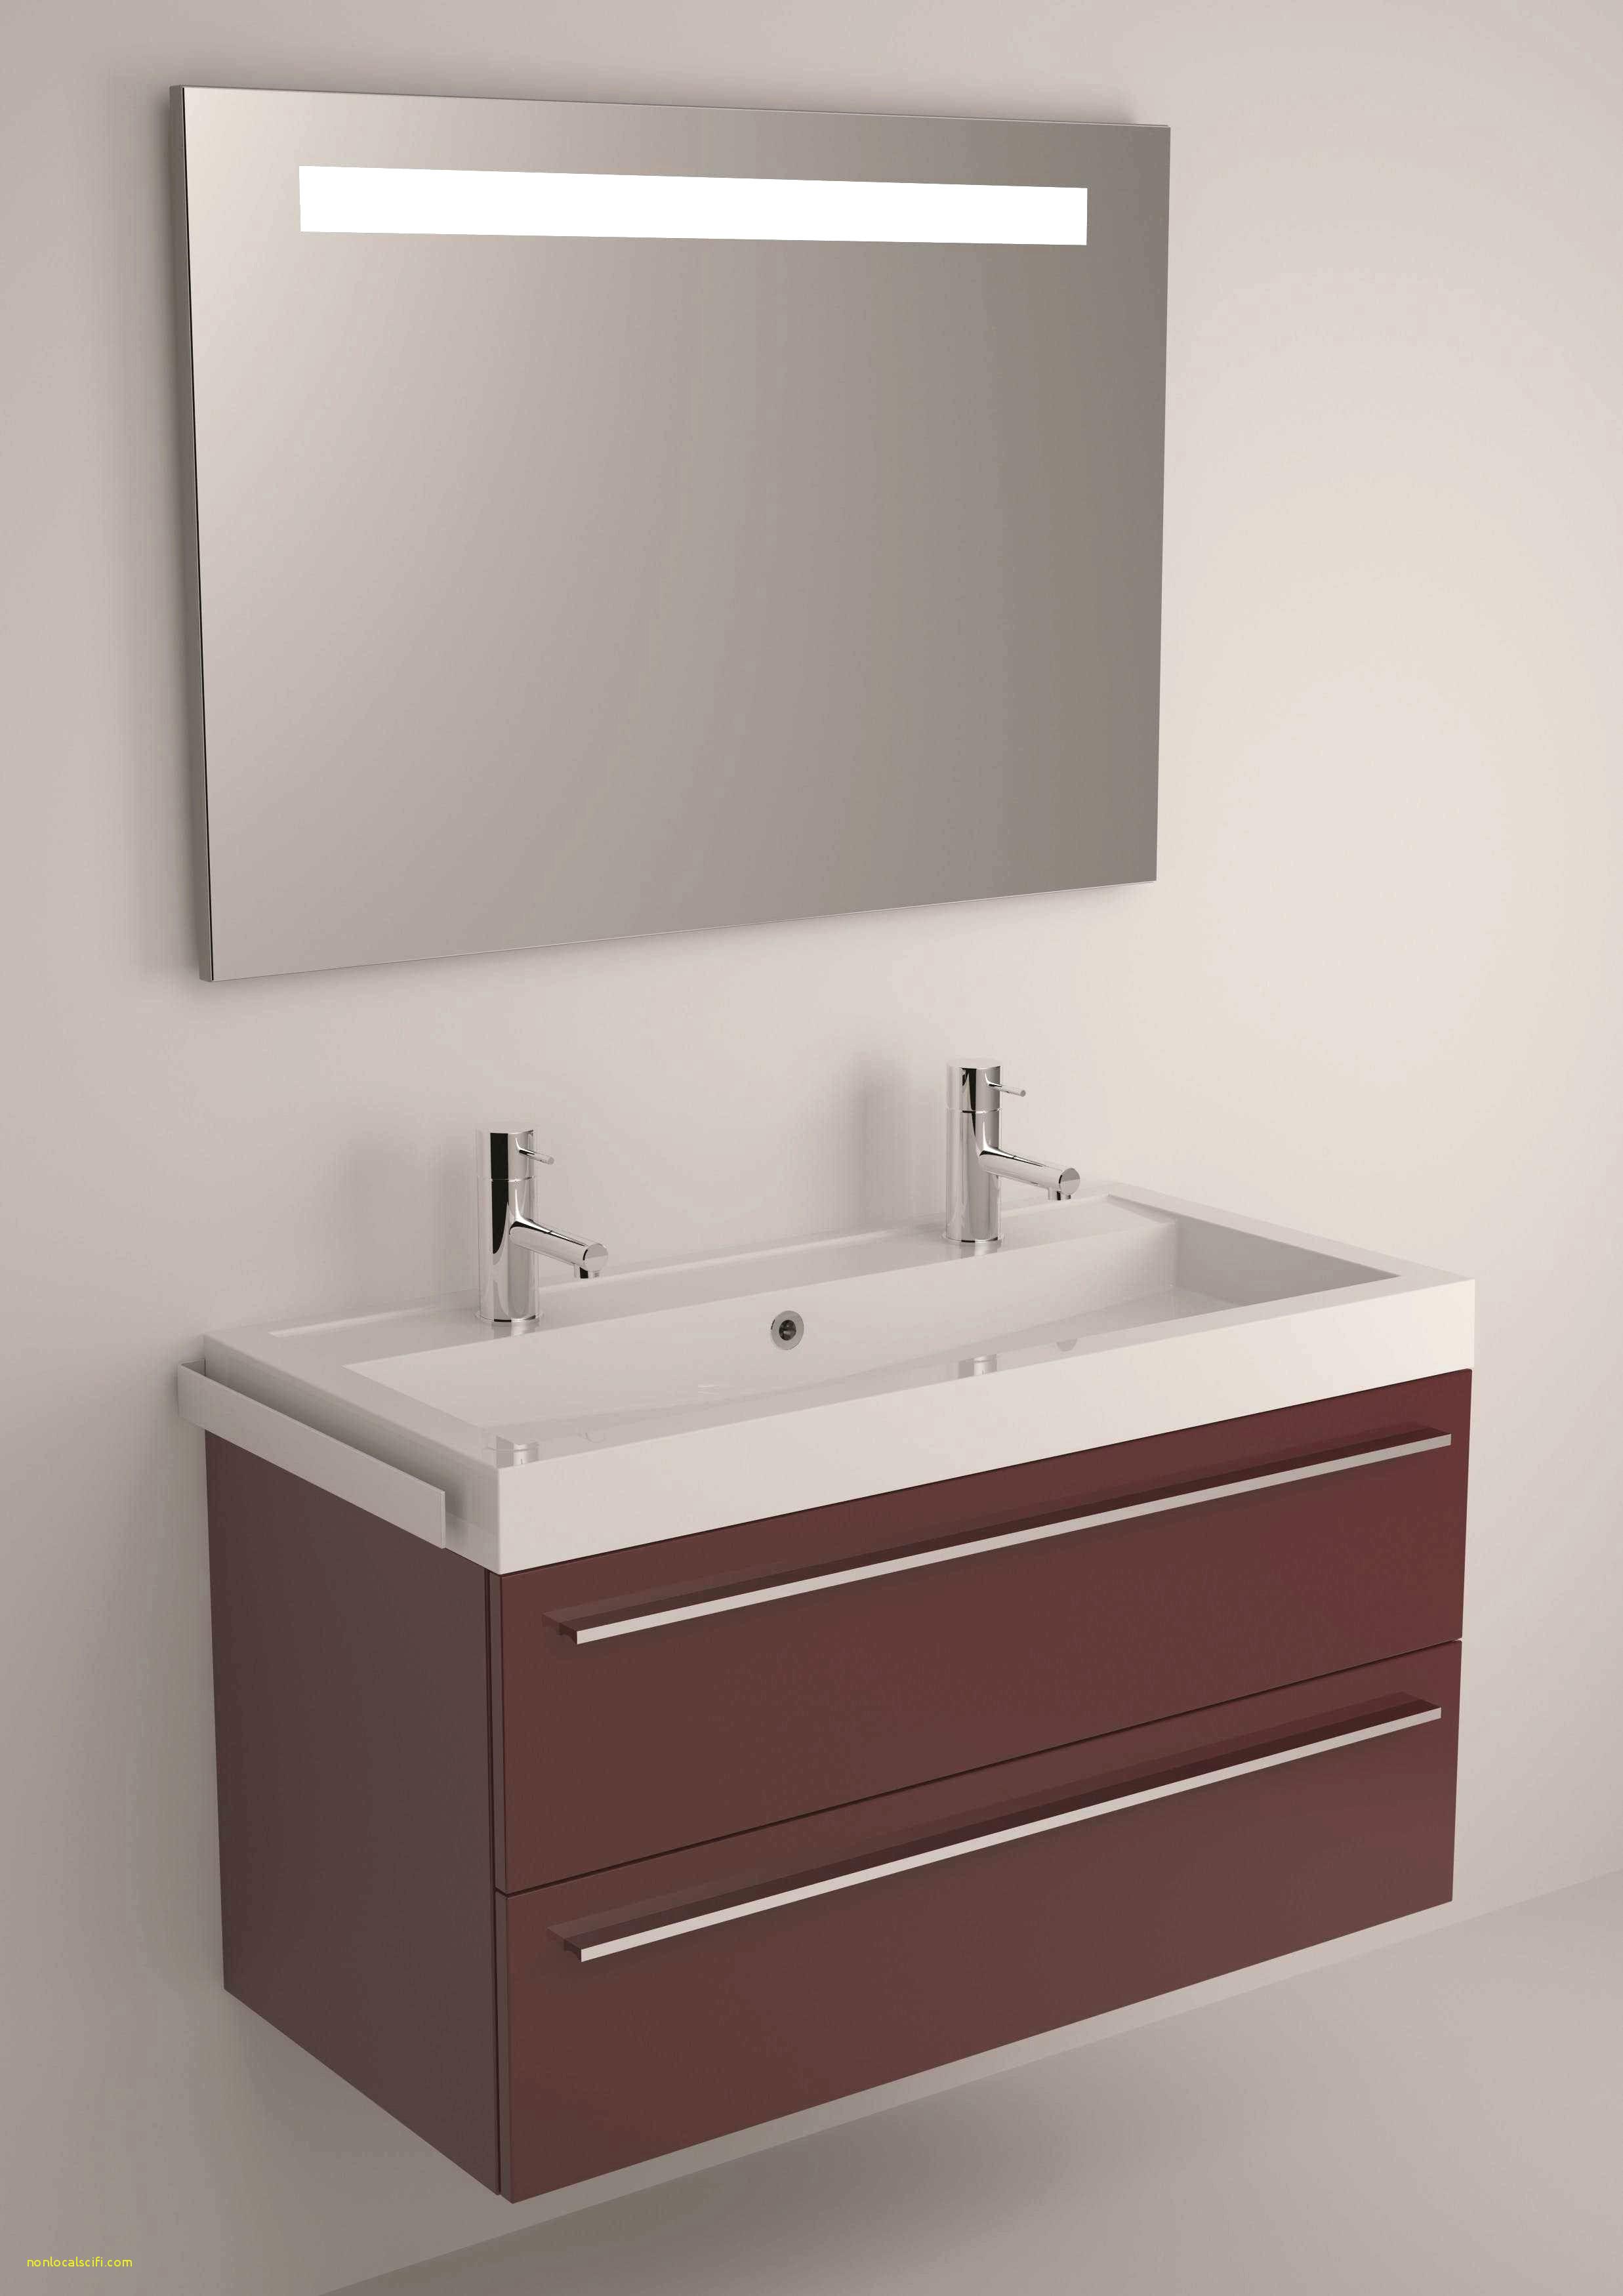 Plan Vasque Ikea Impressionnant Photos Résultat Supérieur 96 élégant Meuble Salle De Bain Simple Pic 2018